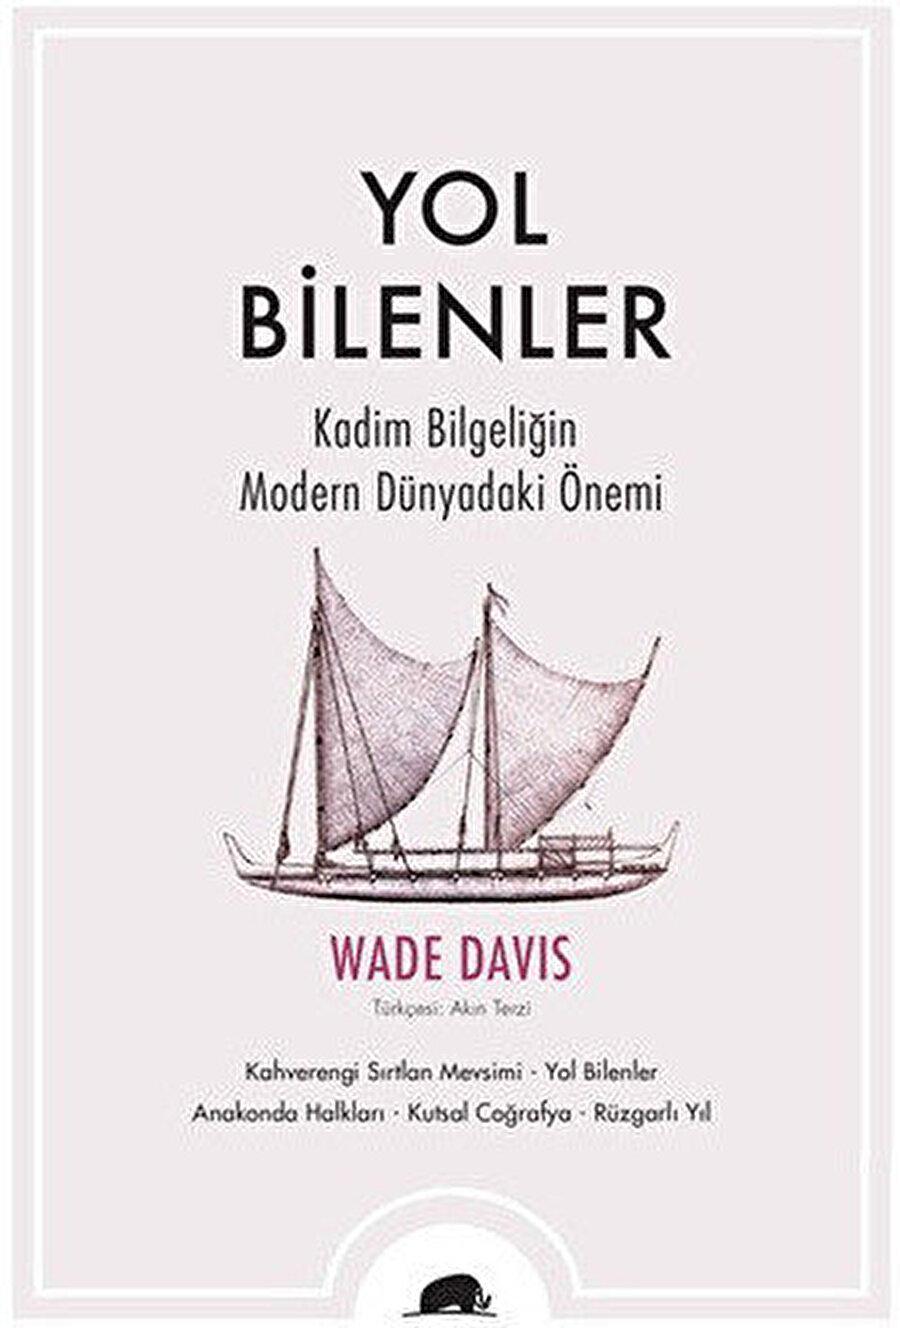 Yol Bilenler, Kanada'da Toronto Üniversitesi'ndeki Ideas isimli bir radyo programında kitapla aynı ismi taşıyan bir konuşmadan metne aktarılmış.